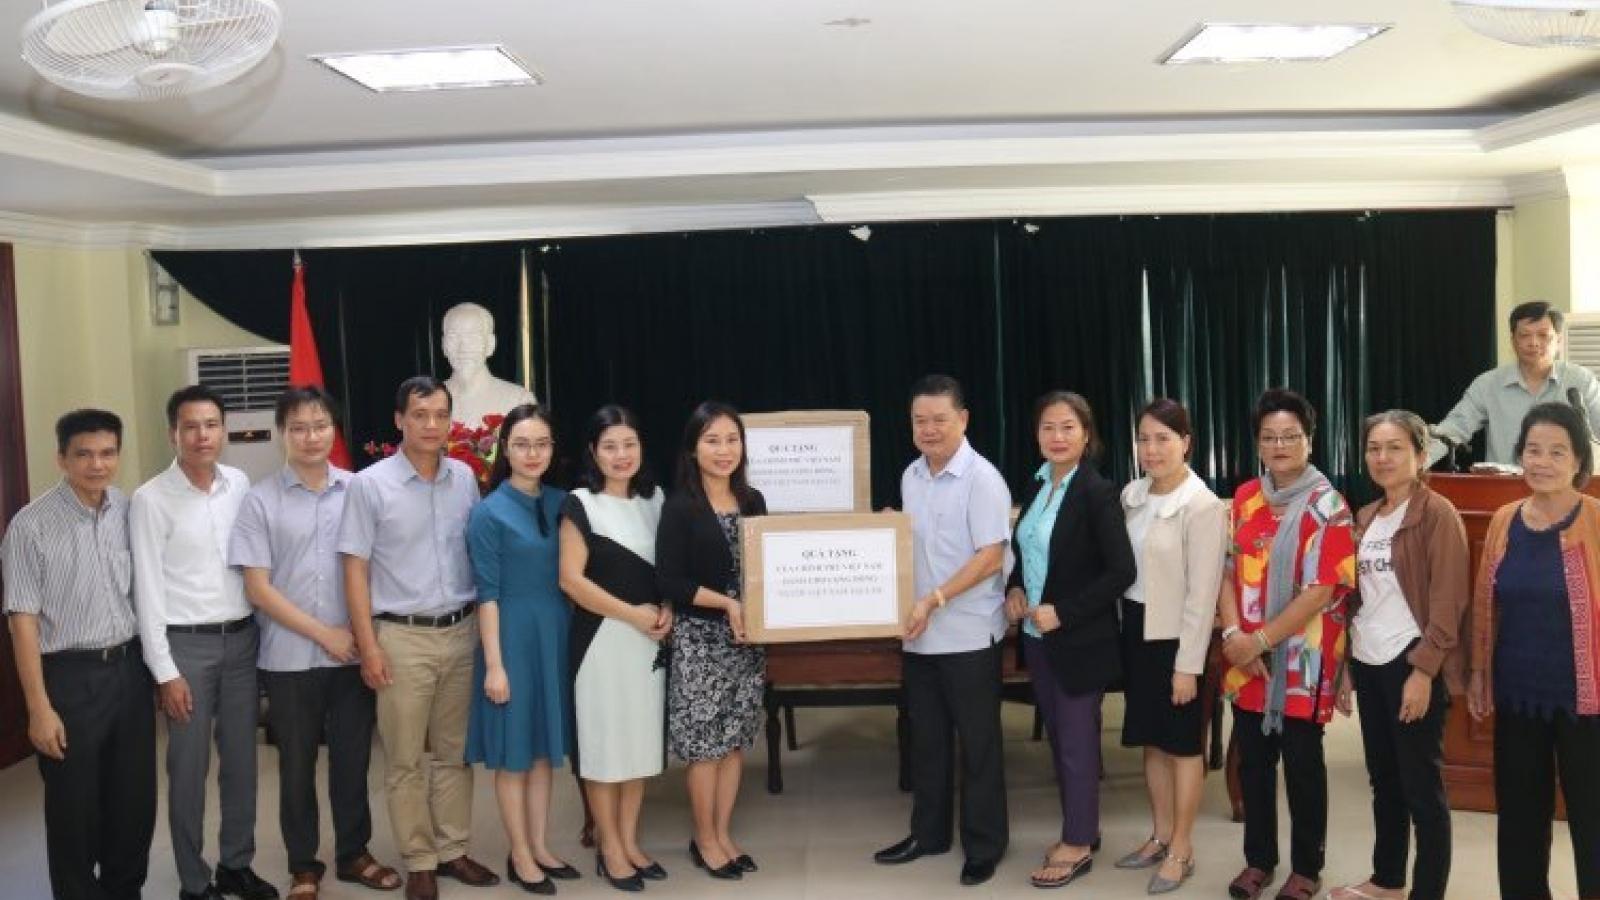 Chính phủ trao tặng khẩu trang y tế cho cộng đồng người Việt Nam tại Lào